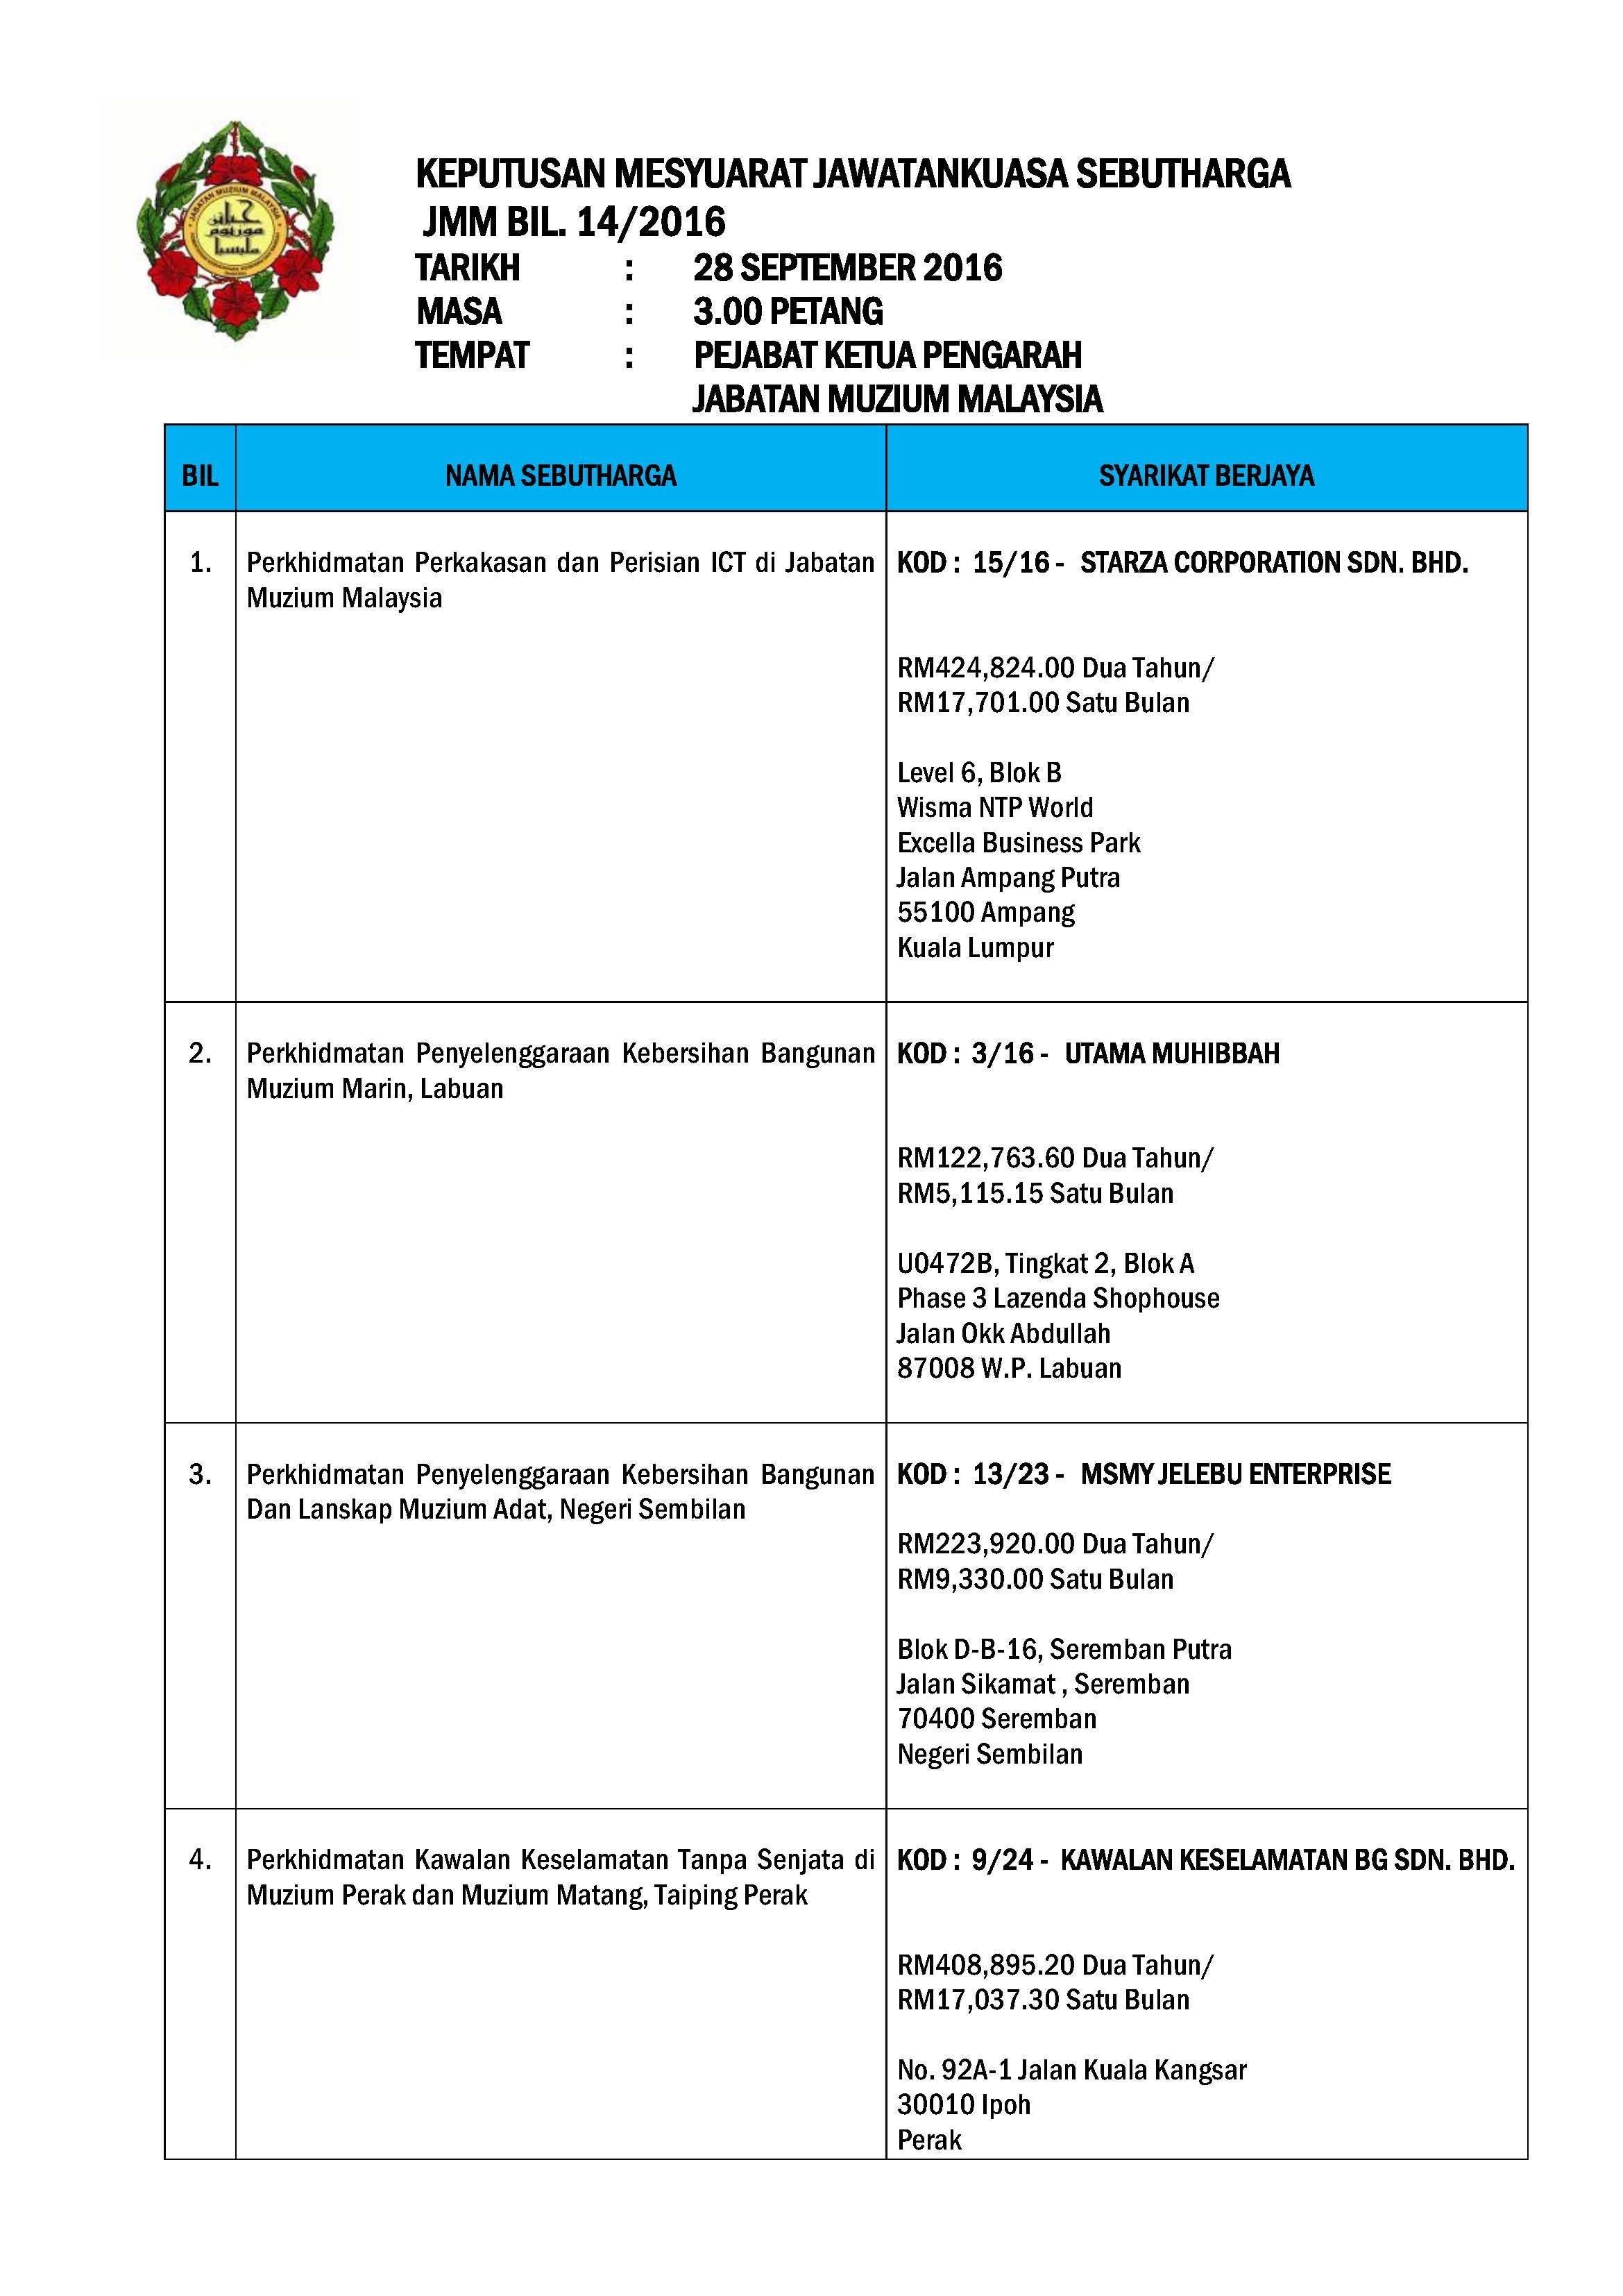 A3-KEPUTUSAN MESYUARAT SEBUTHARGA BIL 14 2016